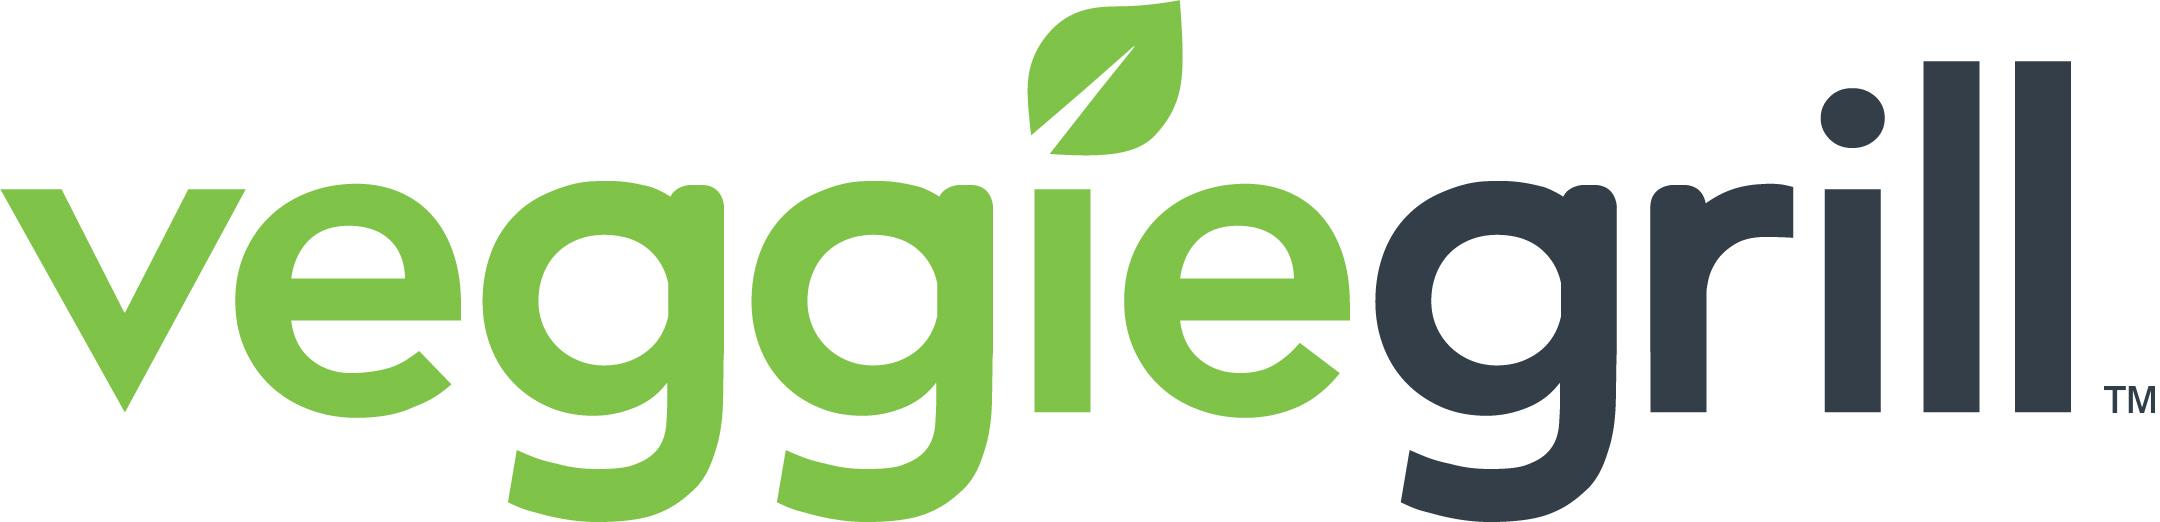 VG_Logo_FINAL.jpg